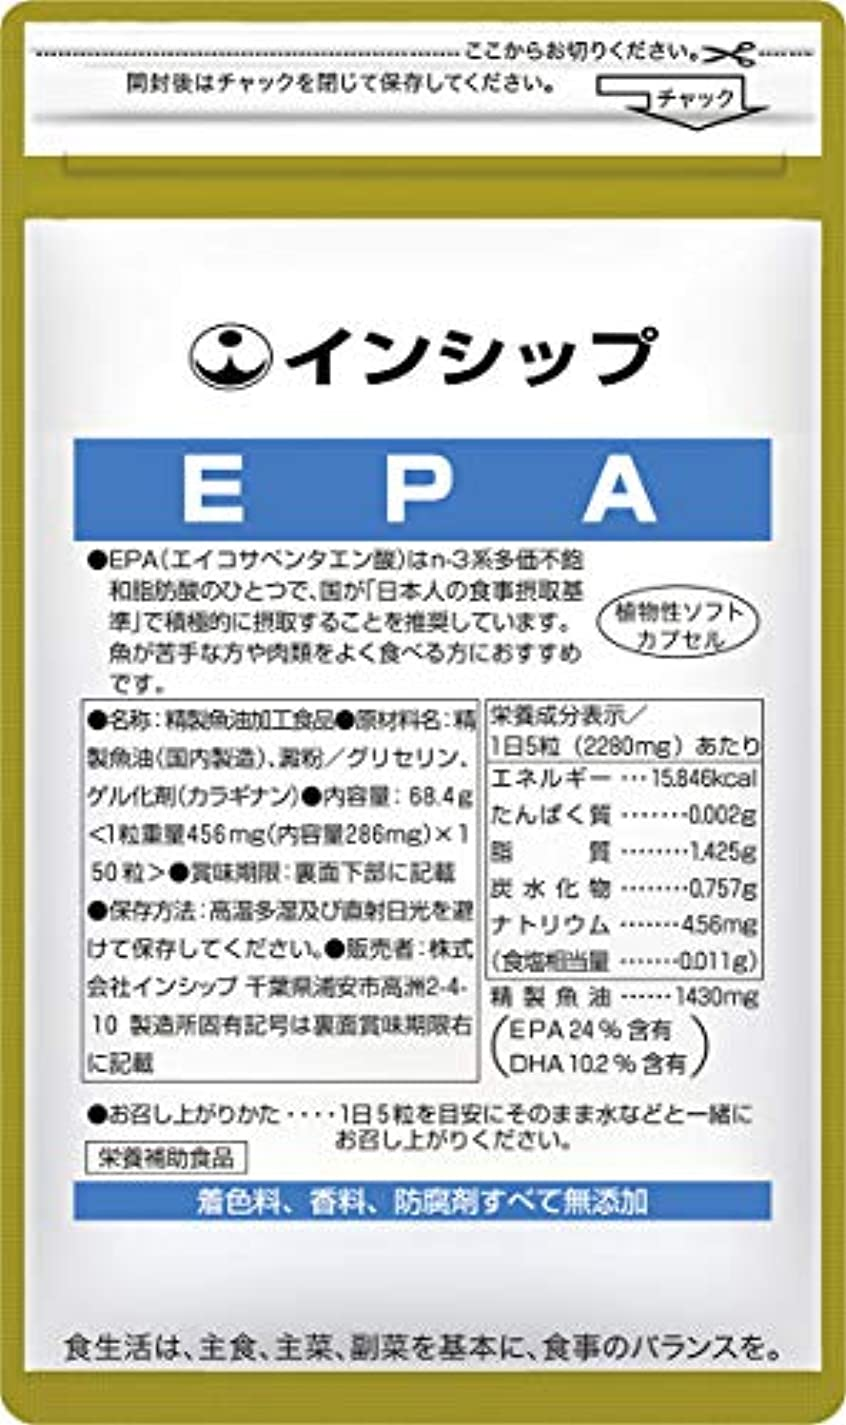 お金クラウン水陸両用インシップ EPA(エイコサペンタエン酸) 440mg×150粒 30日分